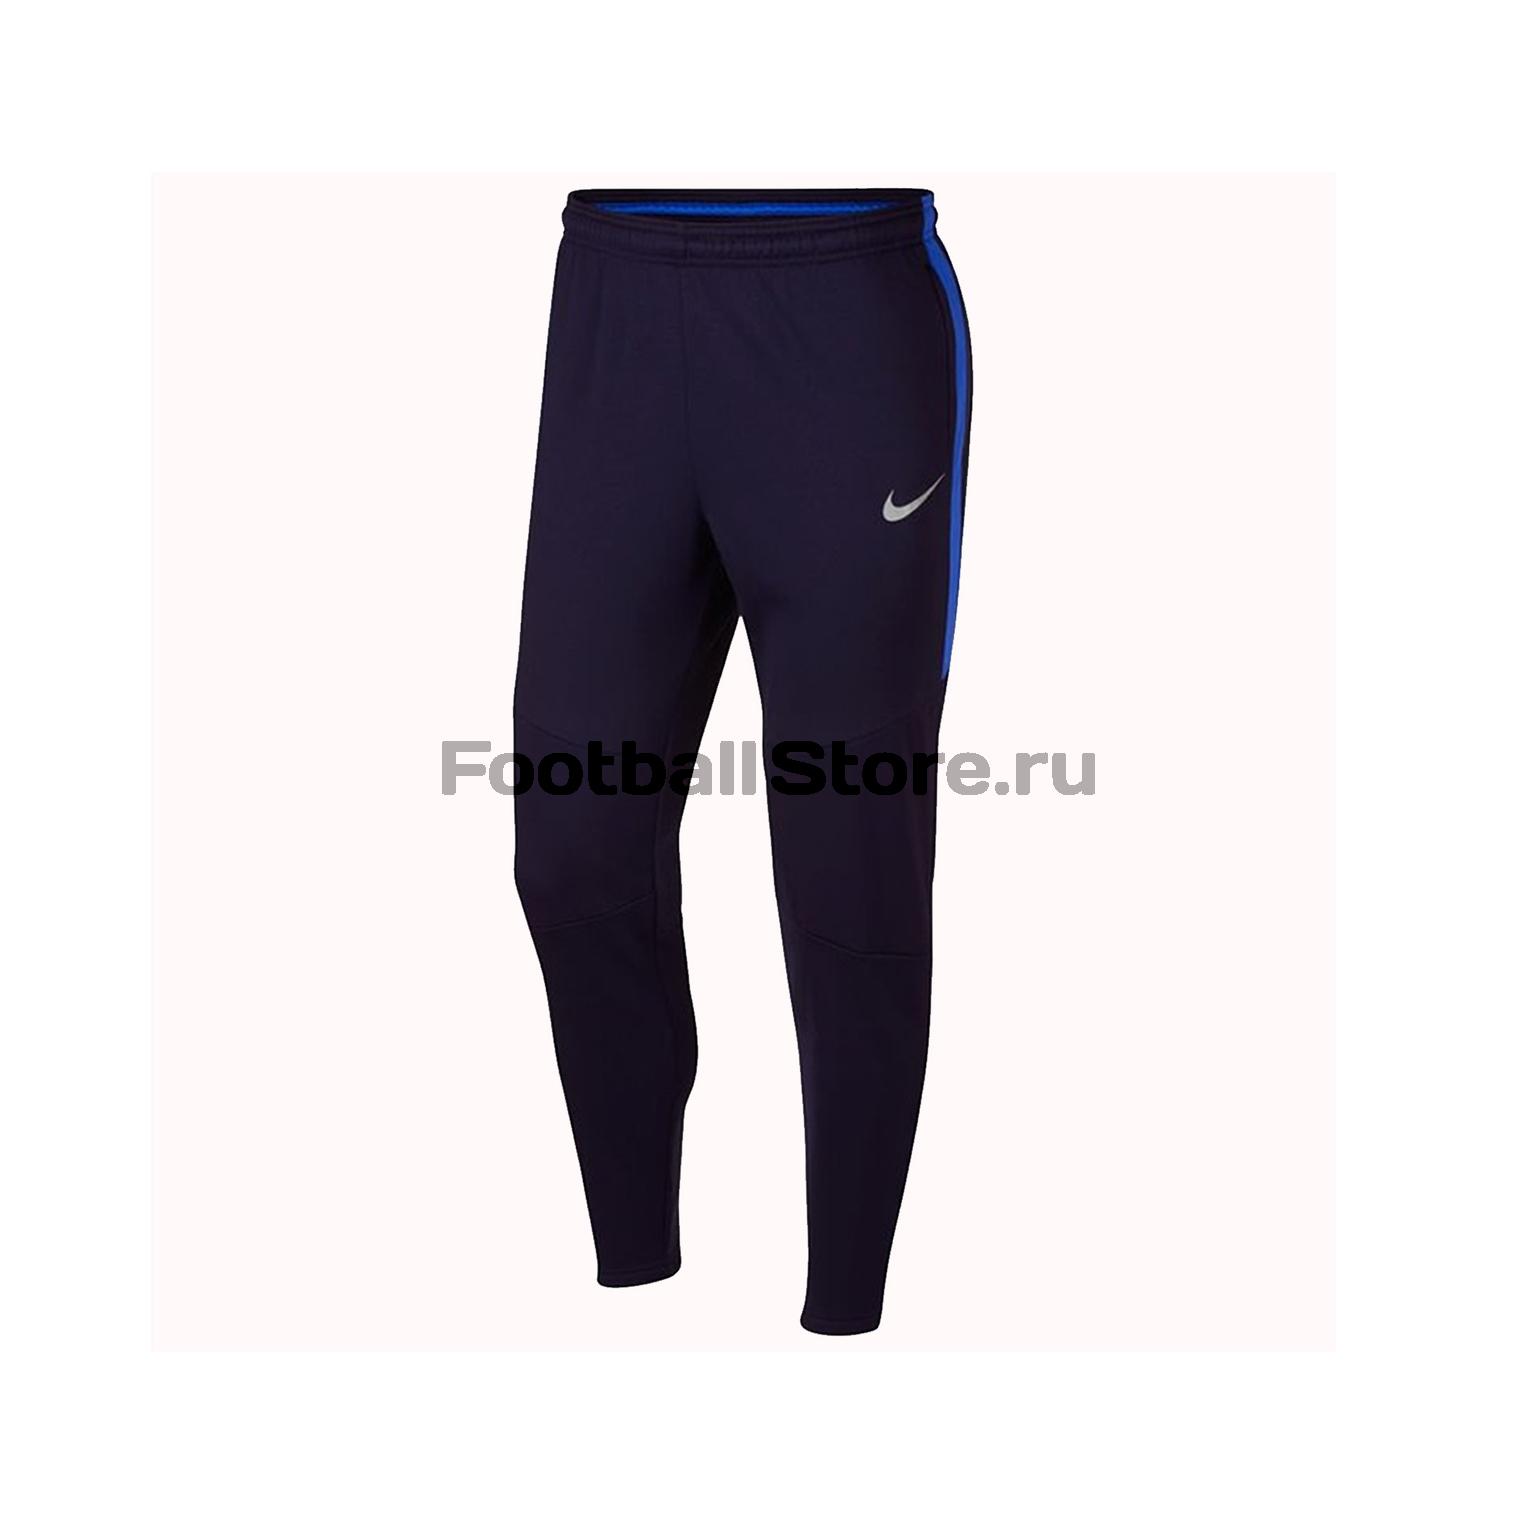 Брюки тренировочные Nike Therma Pant AQ0350-416